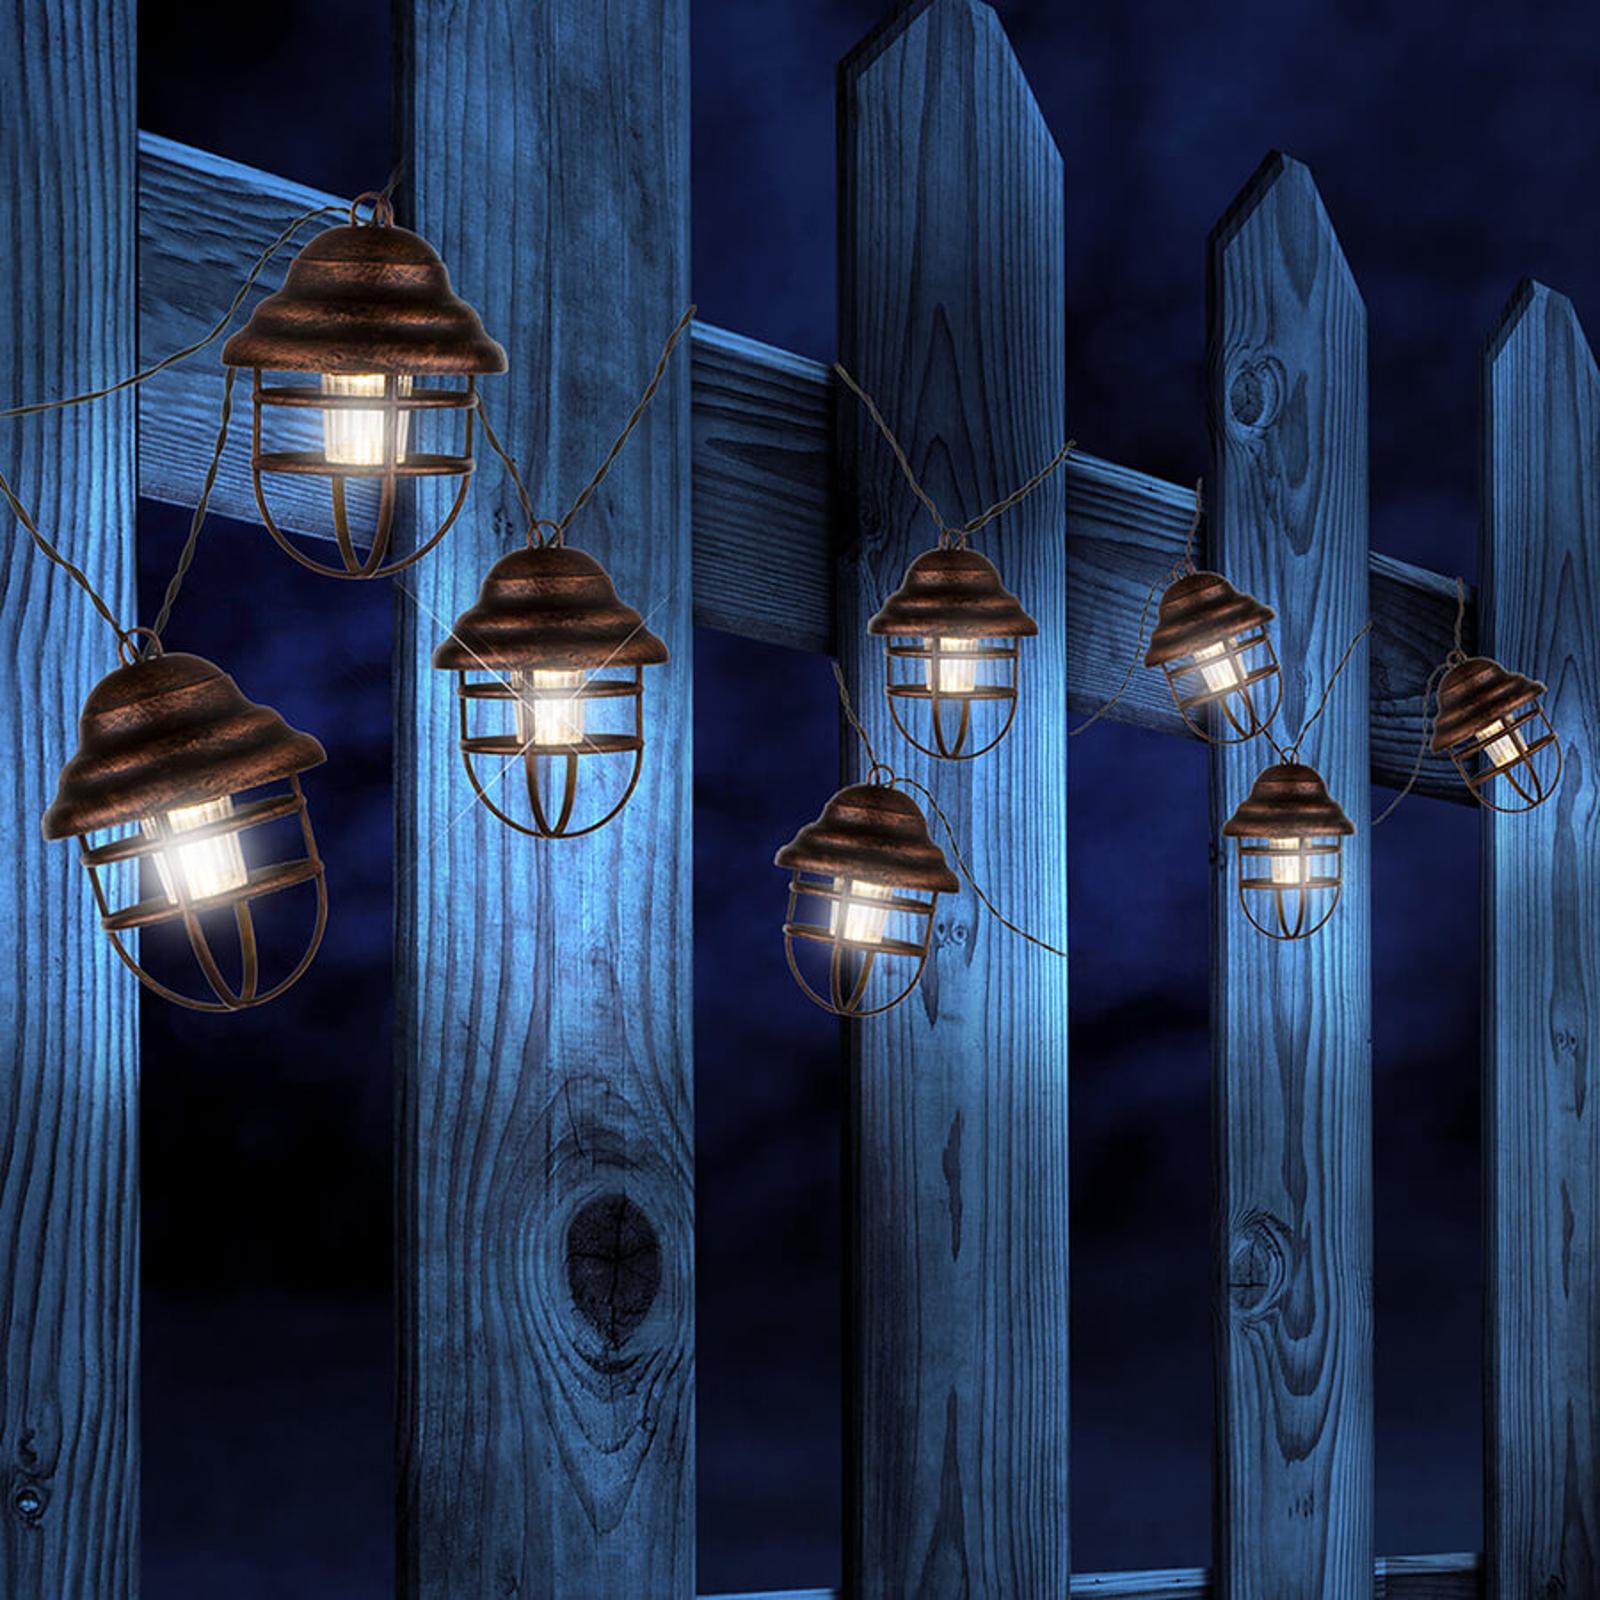 Solarny łańcuch świetlny Lina z 8 latarniami